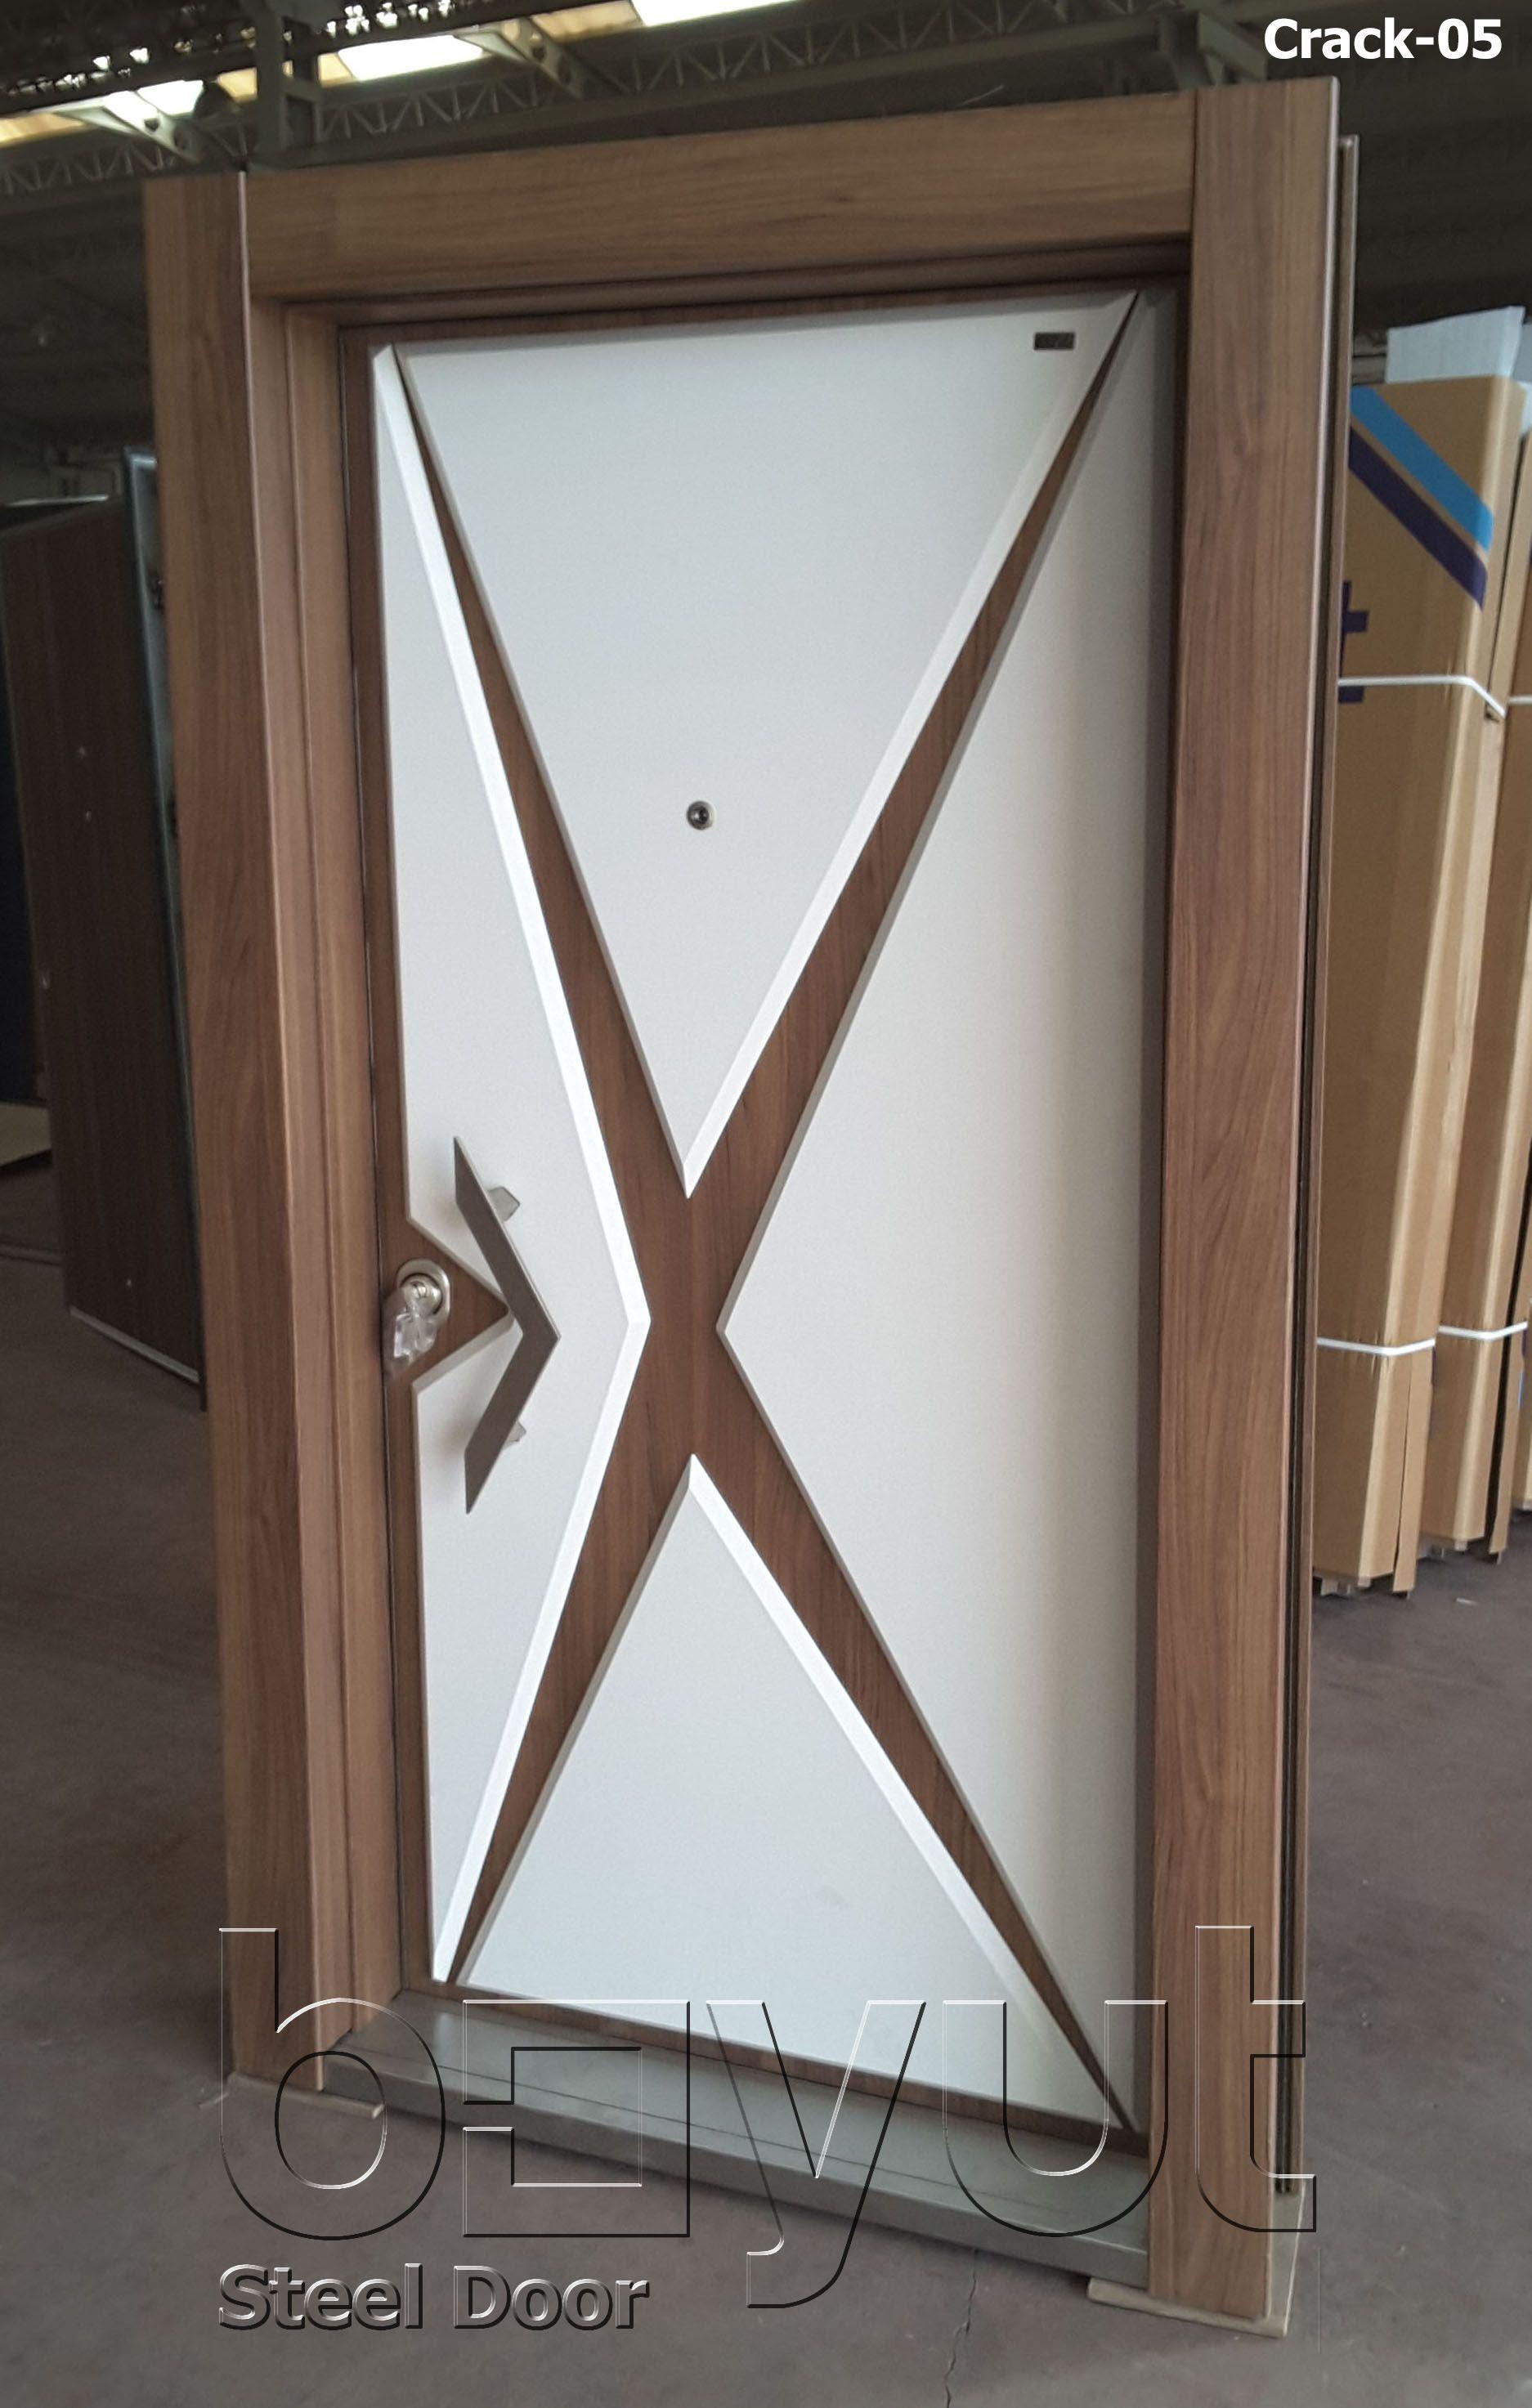 Model Crack 05 Steel Security Door Entrance Door Interior